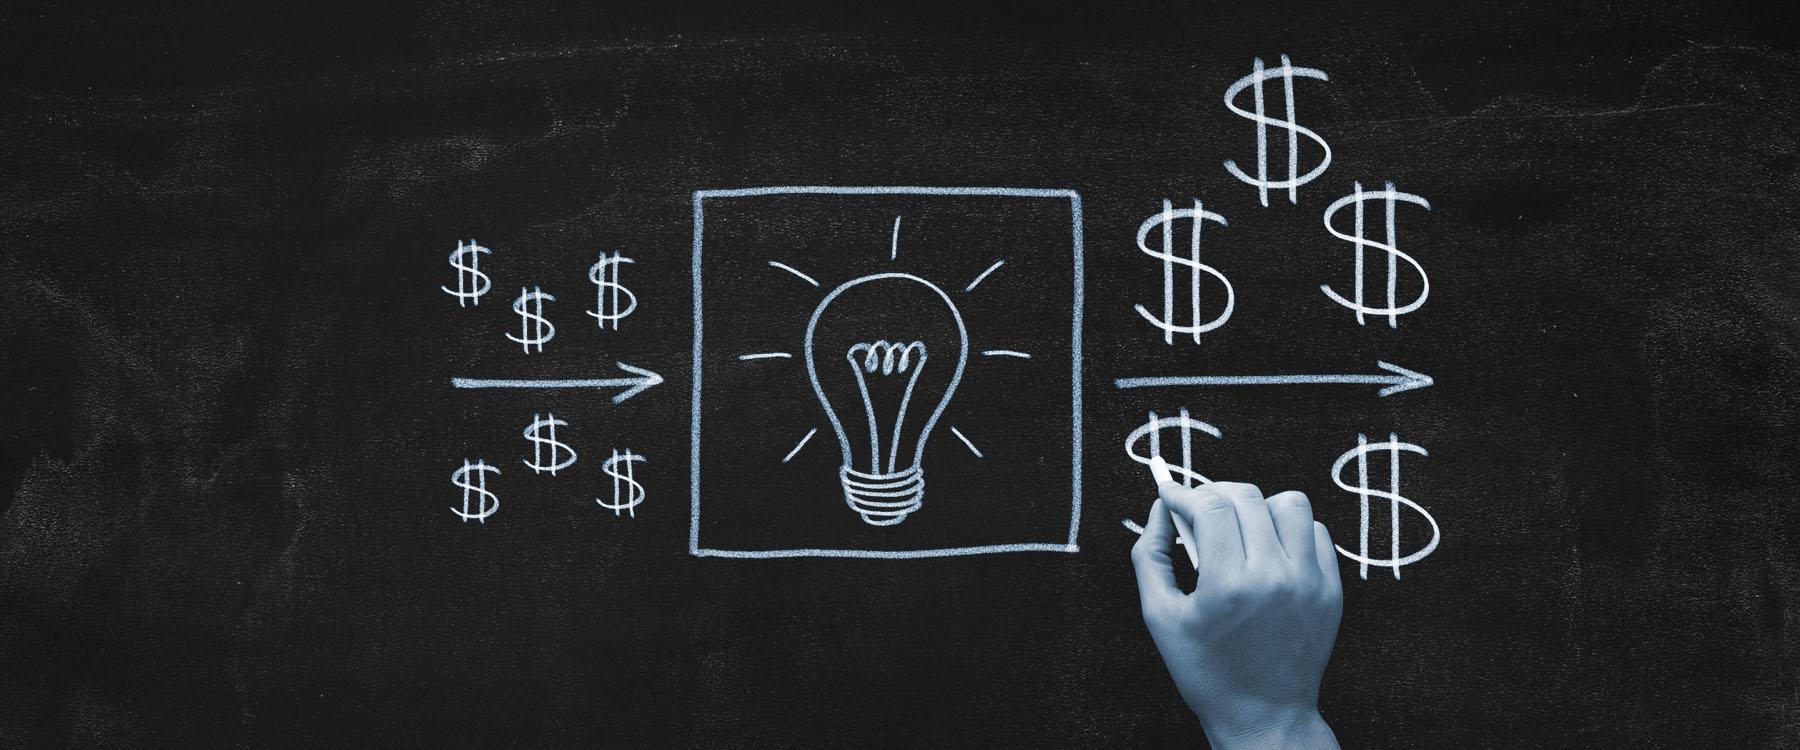 hora certa de investir em marketing